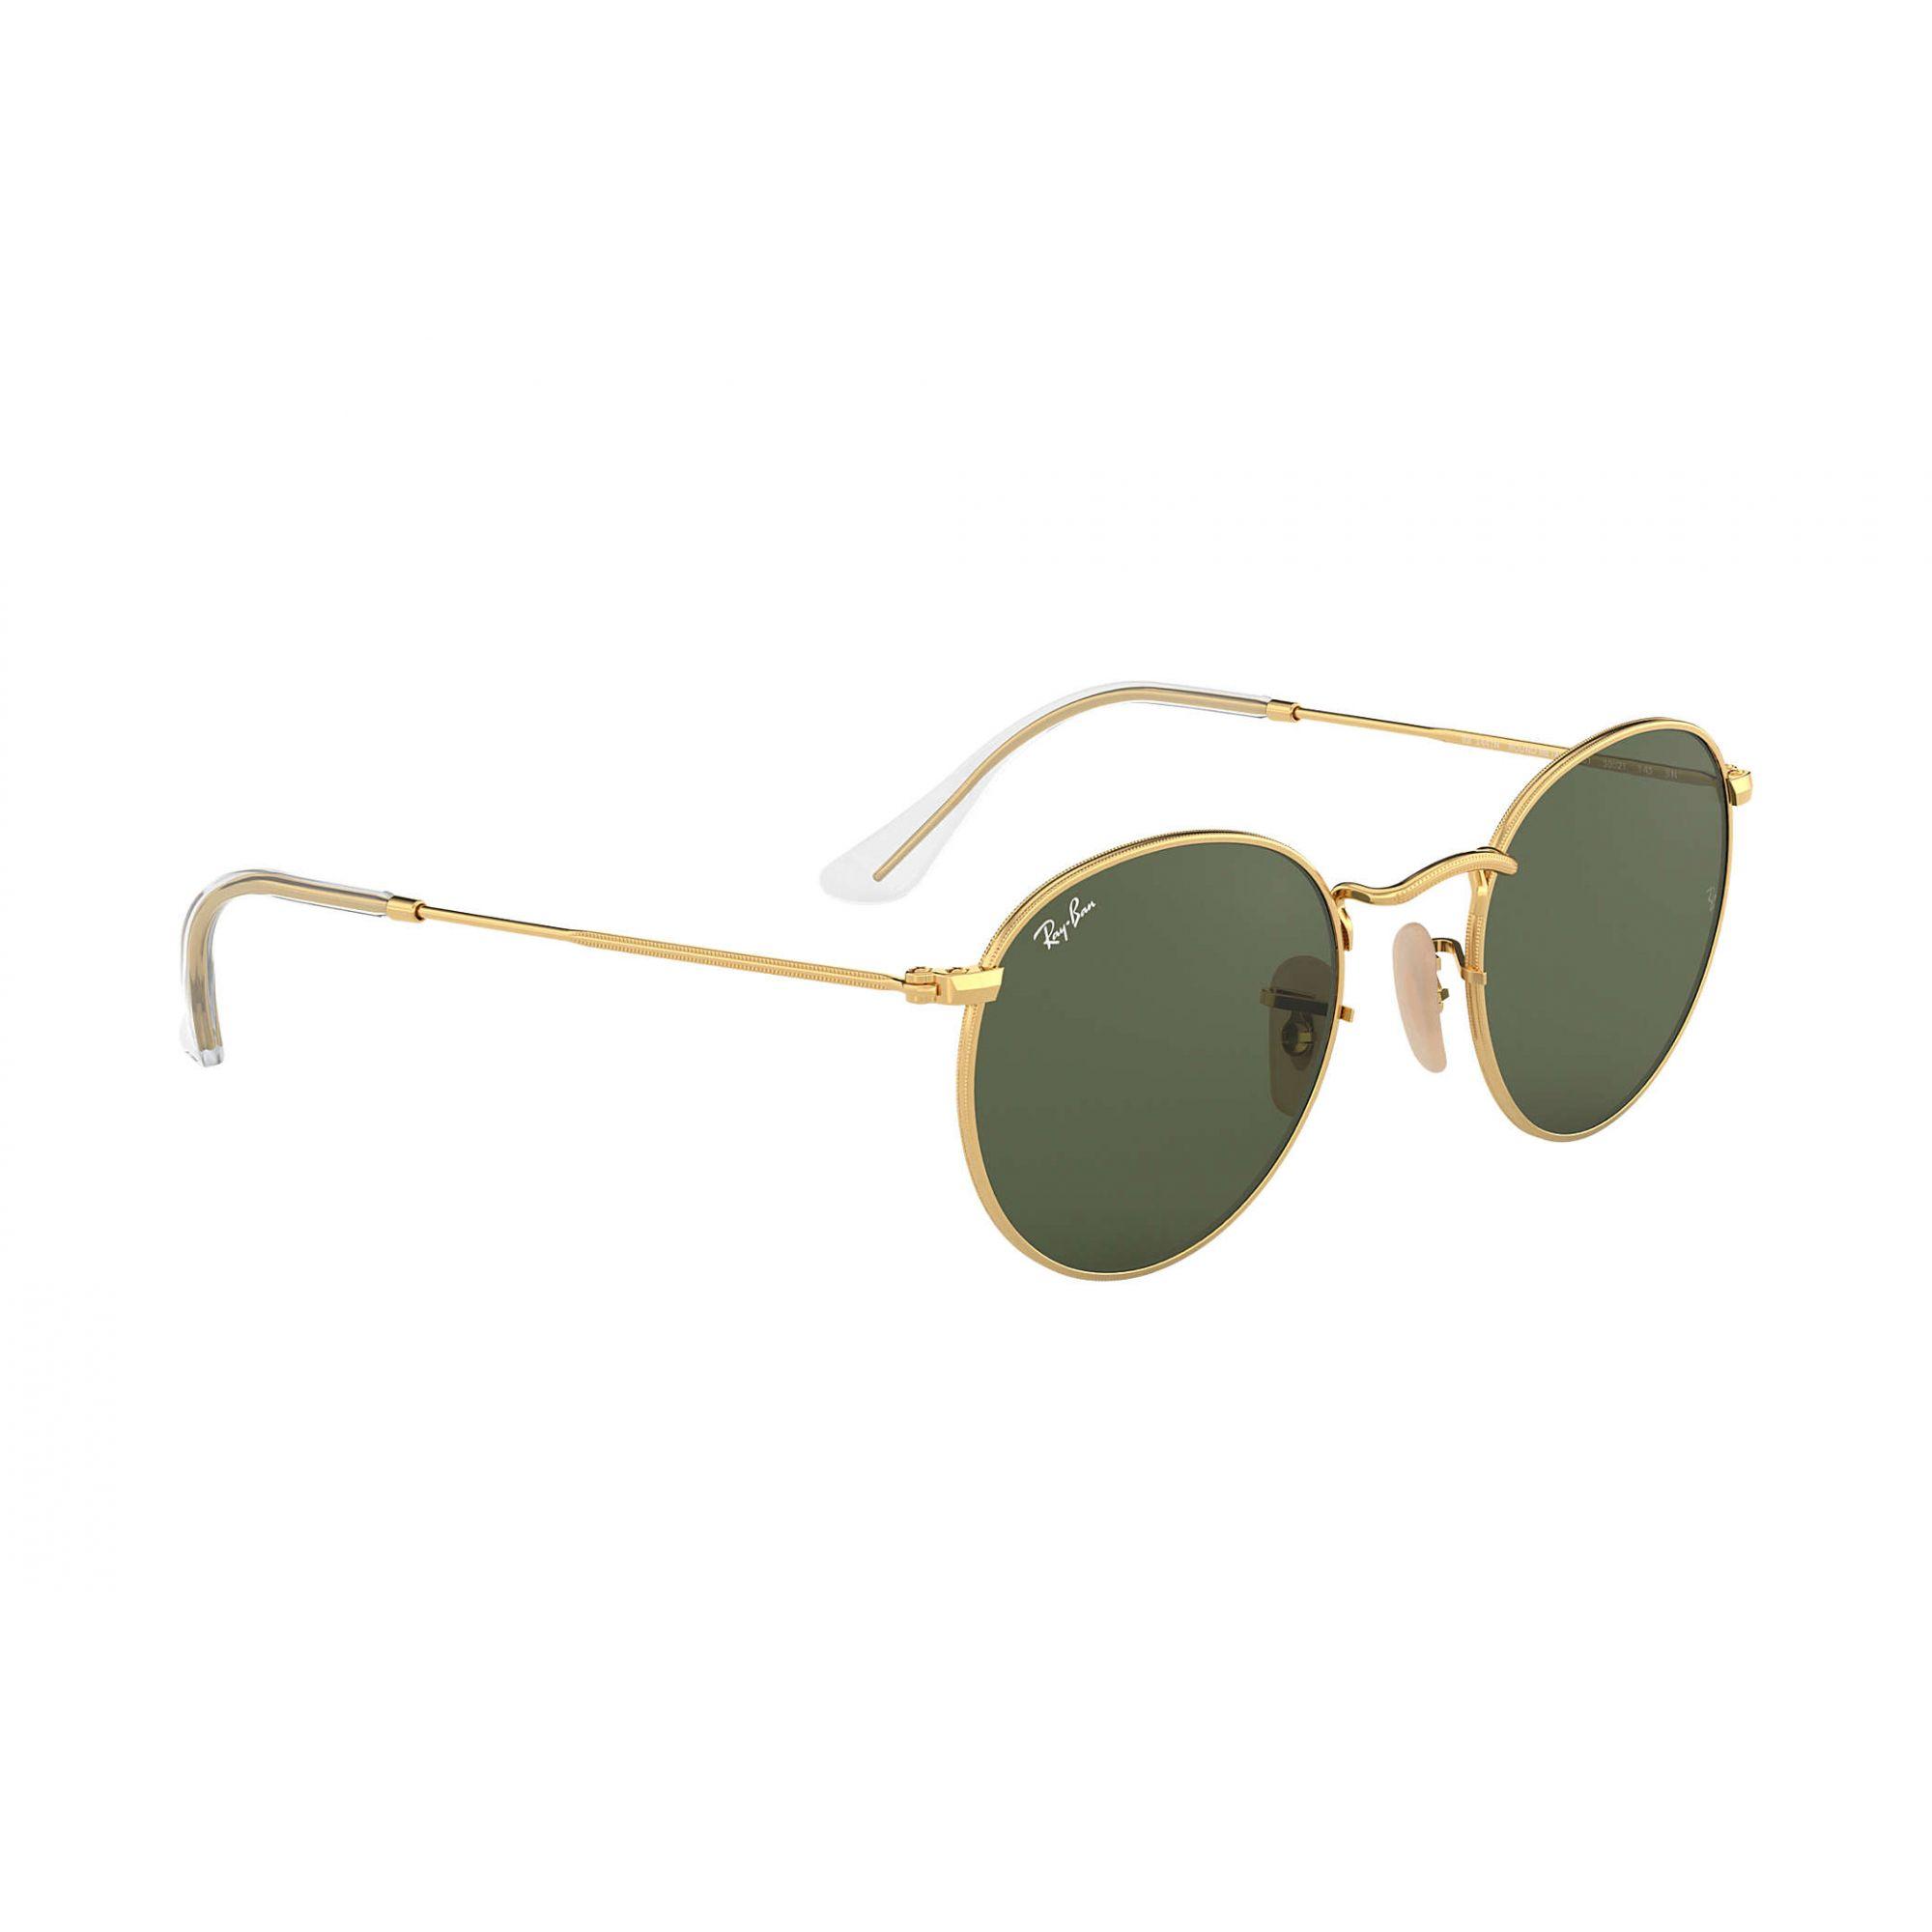 Ray Ban - RB3447N 001 - Óculos de sol